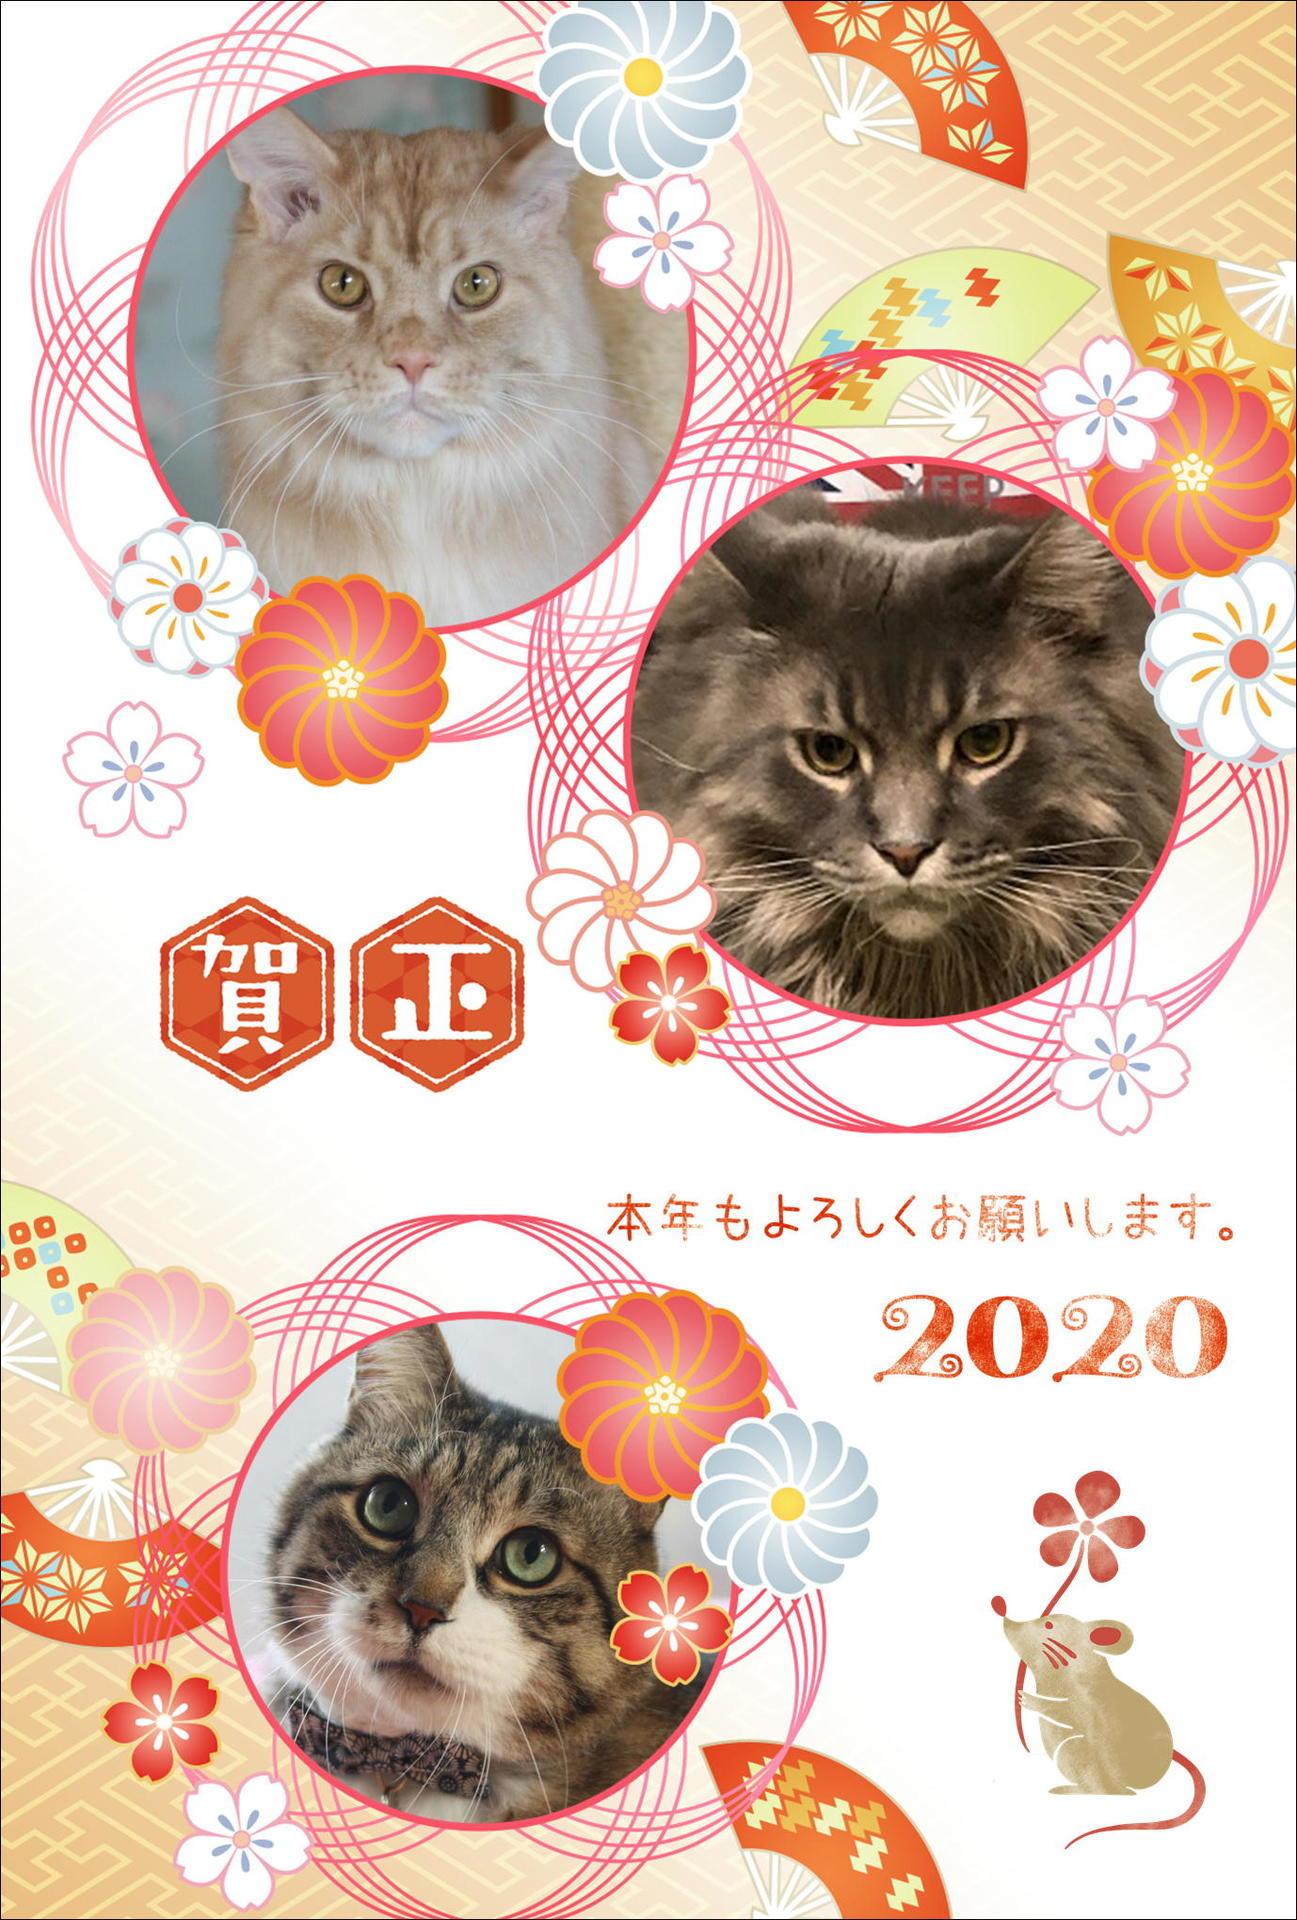 2020年賀Web用.JPG